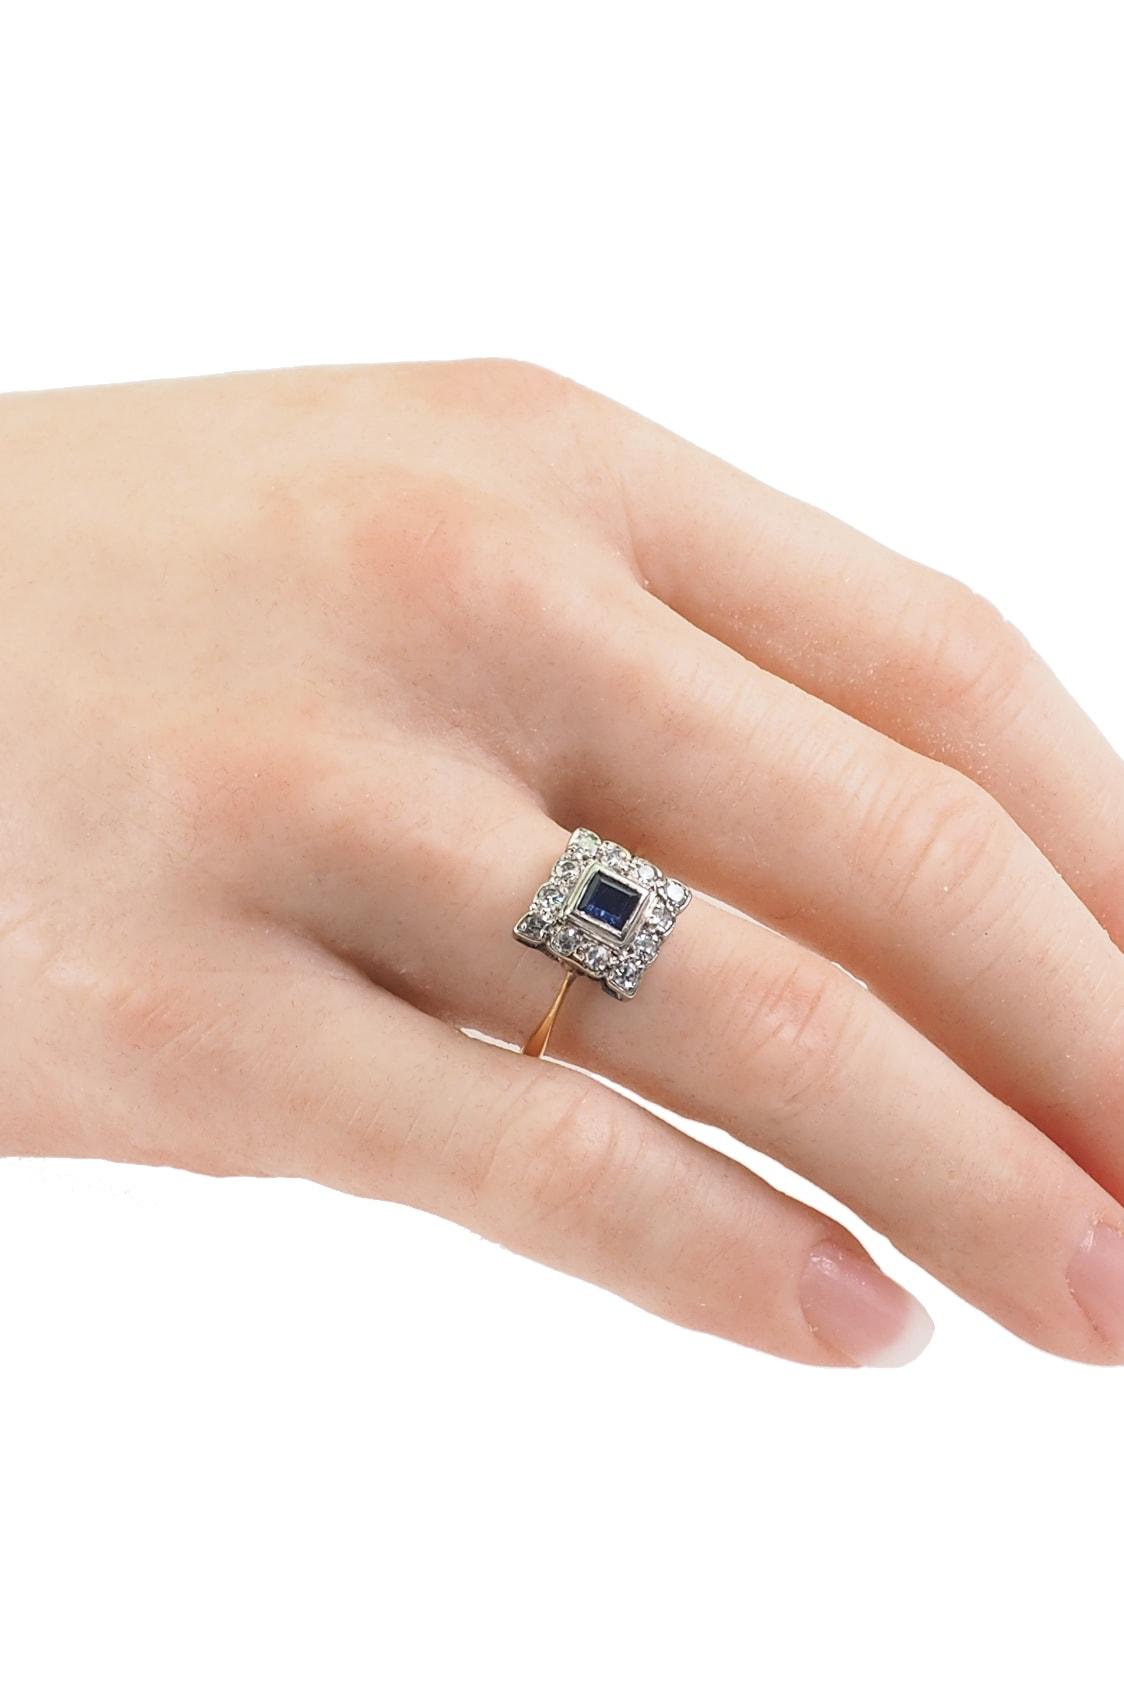 ring-1478h